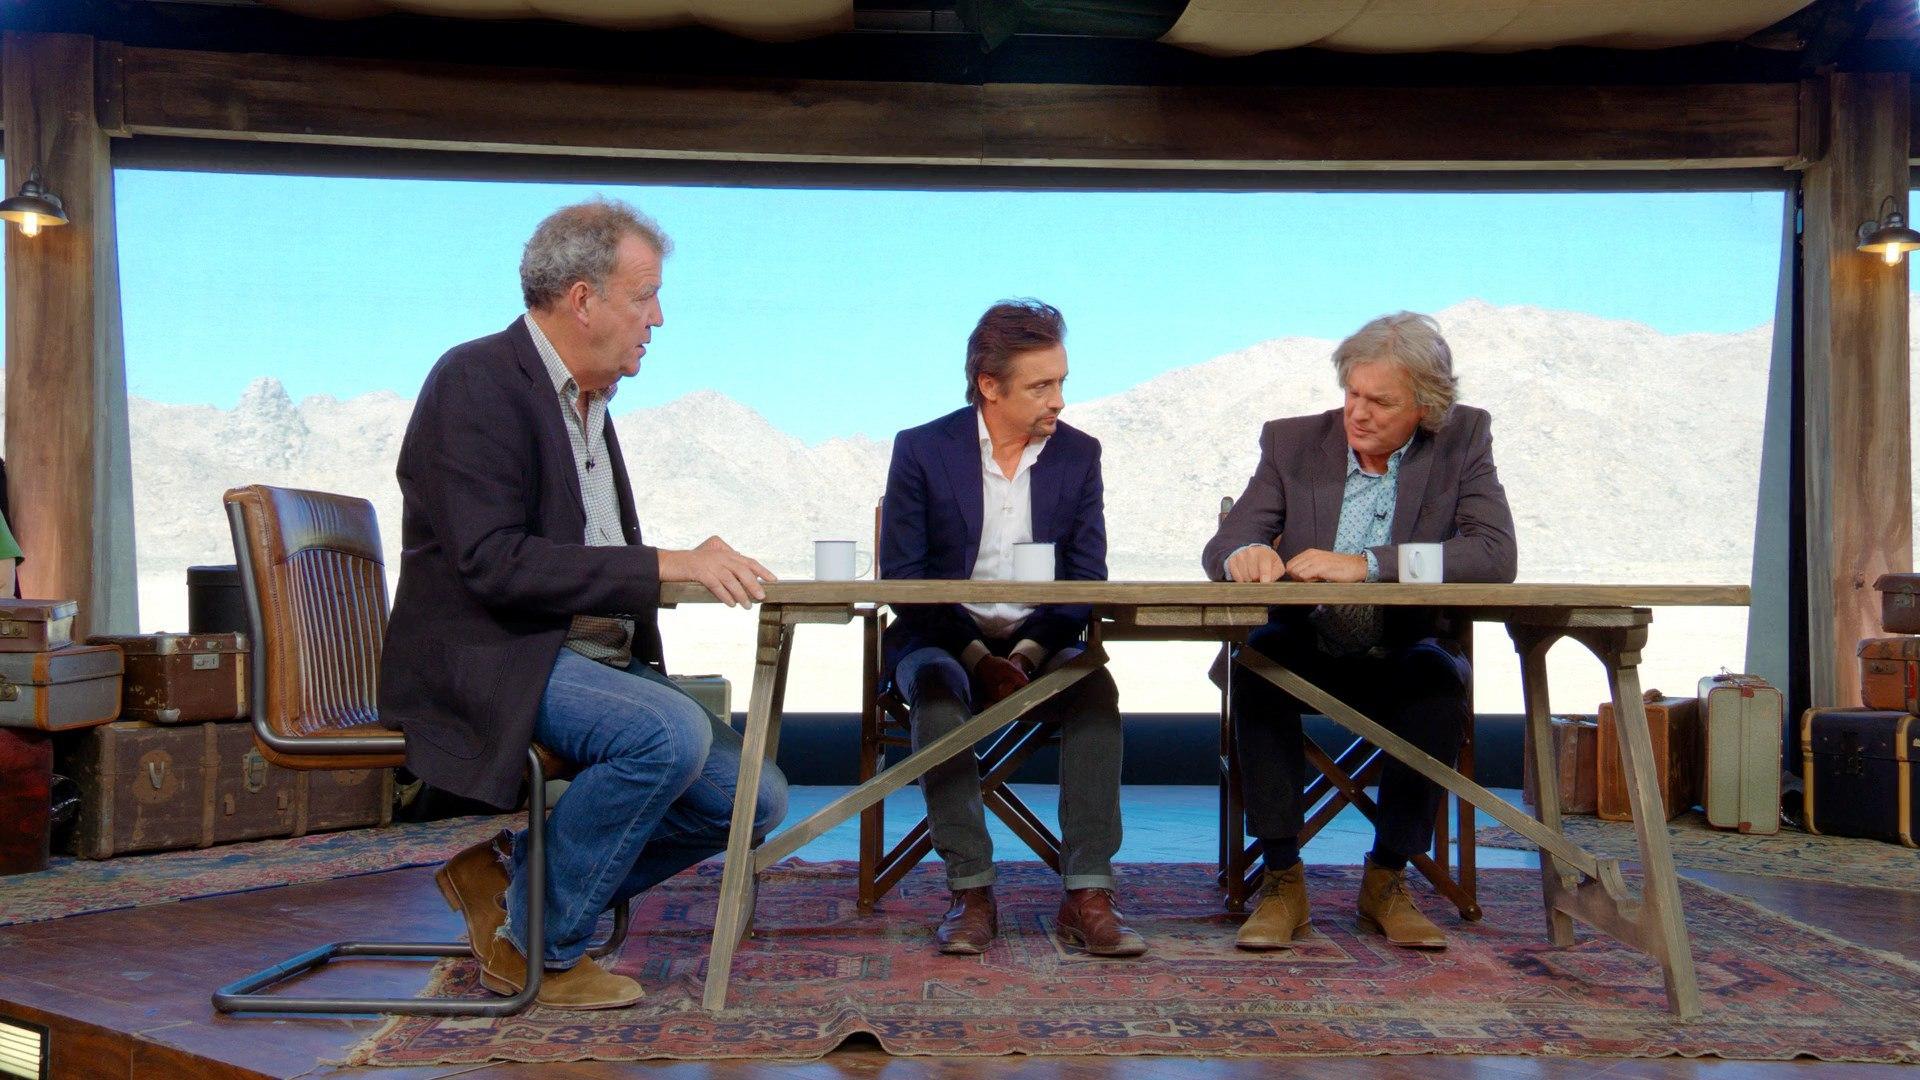 Гранд тур / The Grand Tour [S01] (2016) WEBRip 1080p | AlexFilm скачать торрент